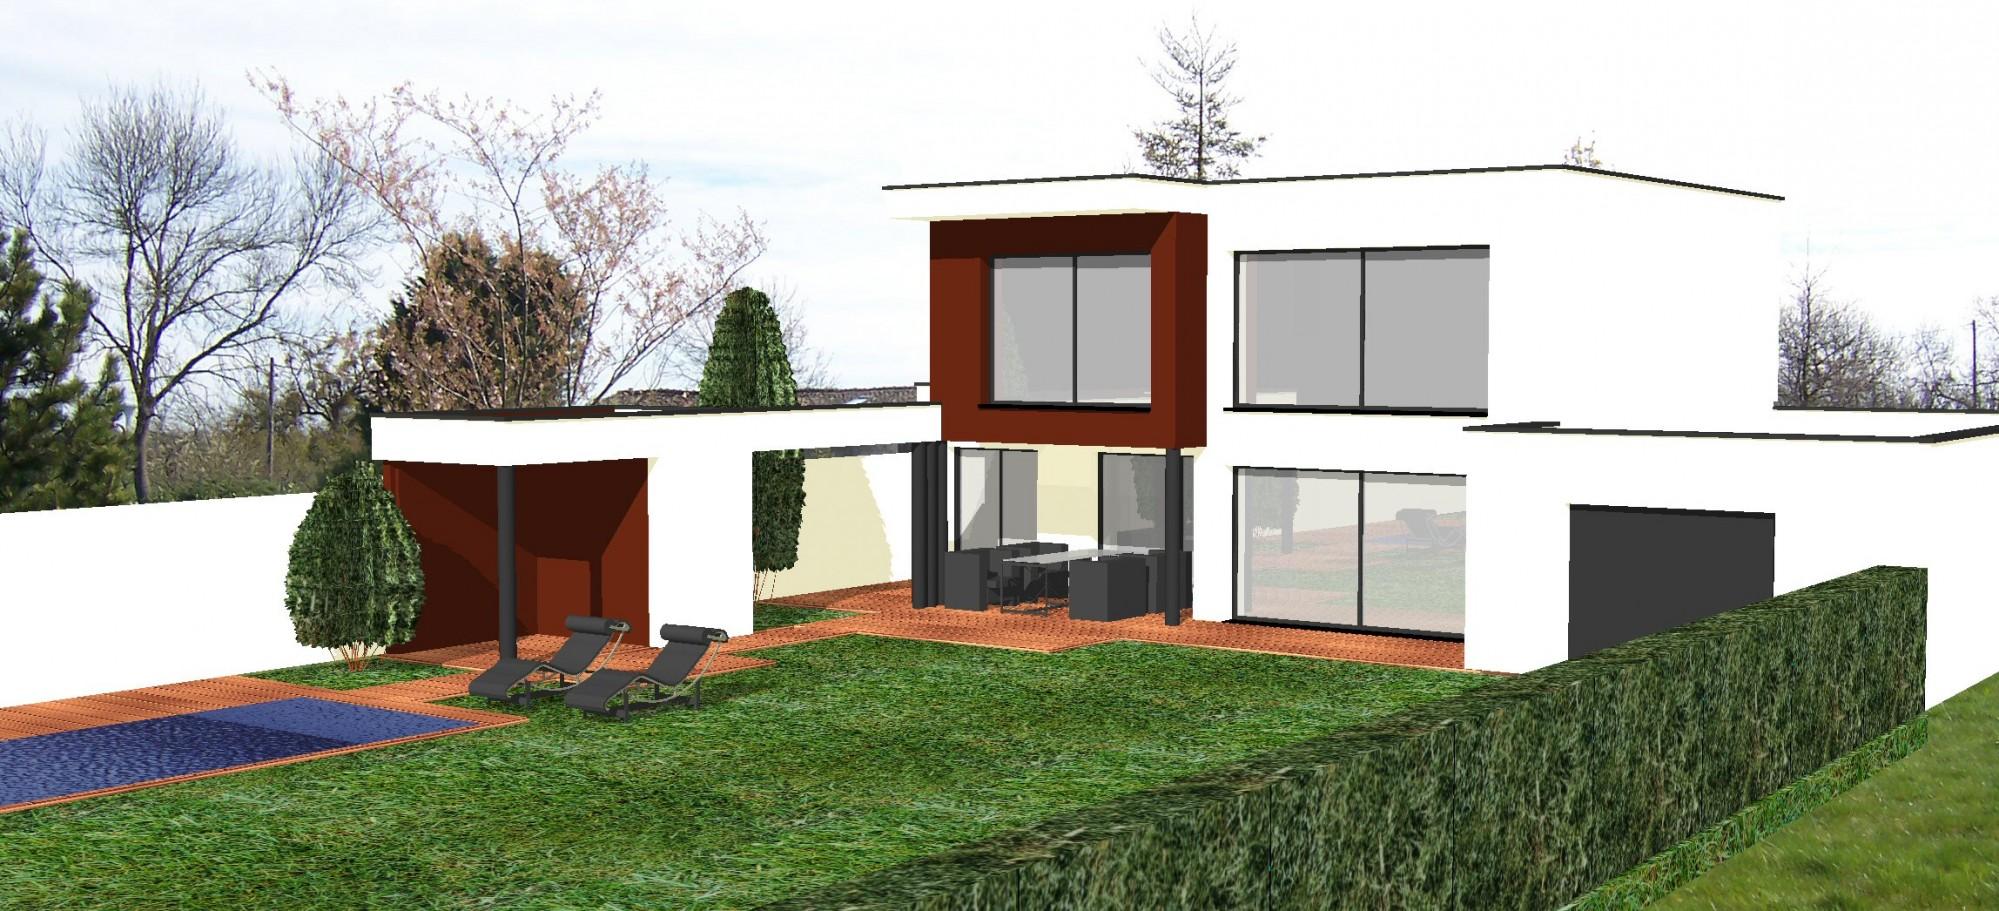 Bureau d 39 tudes avec plans 3d pour projet de construction for Projet terrasse en 3d